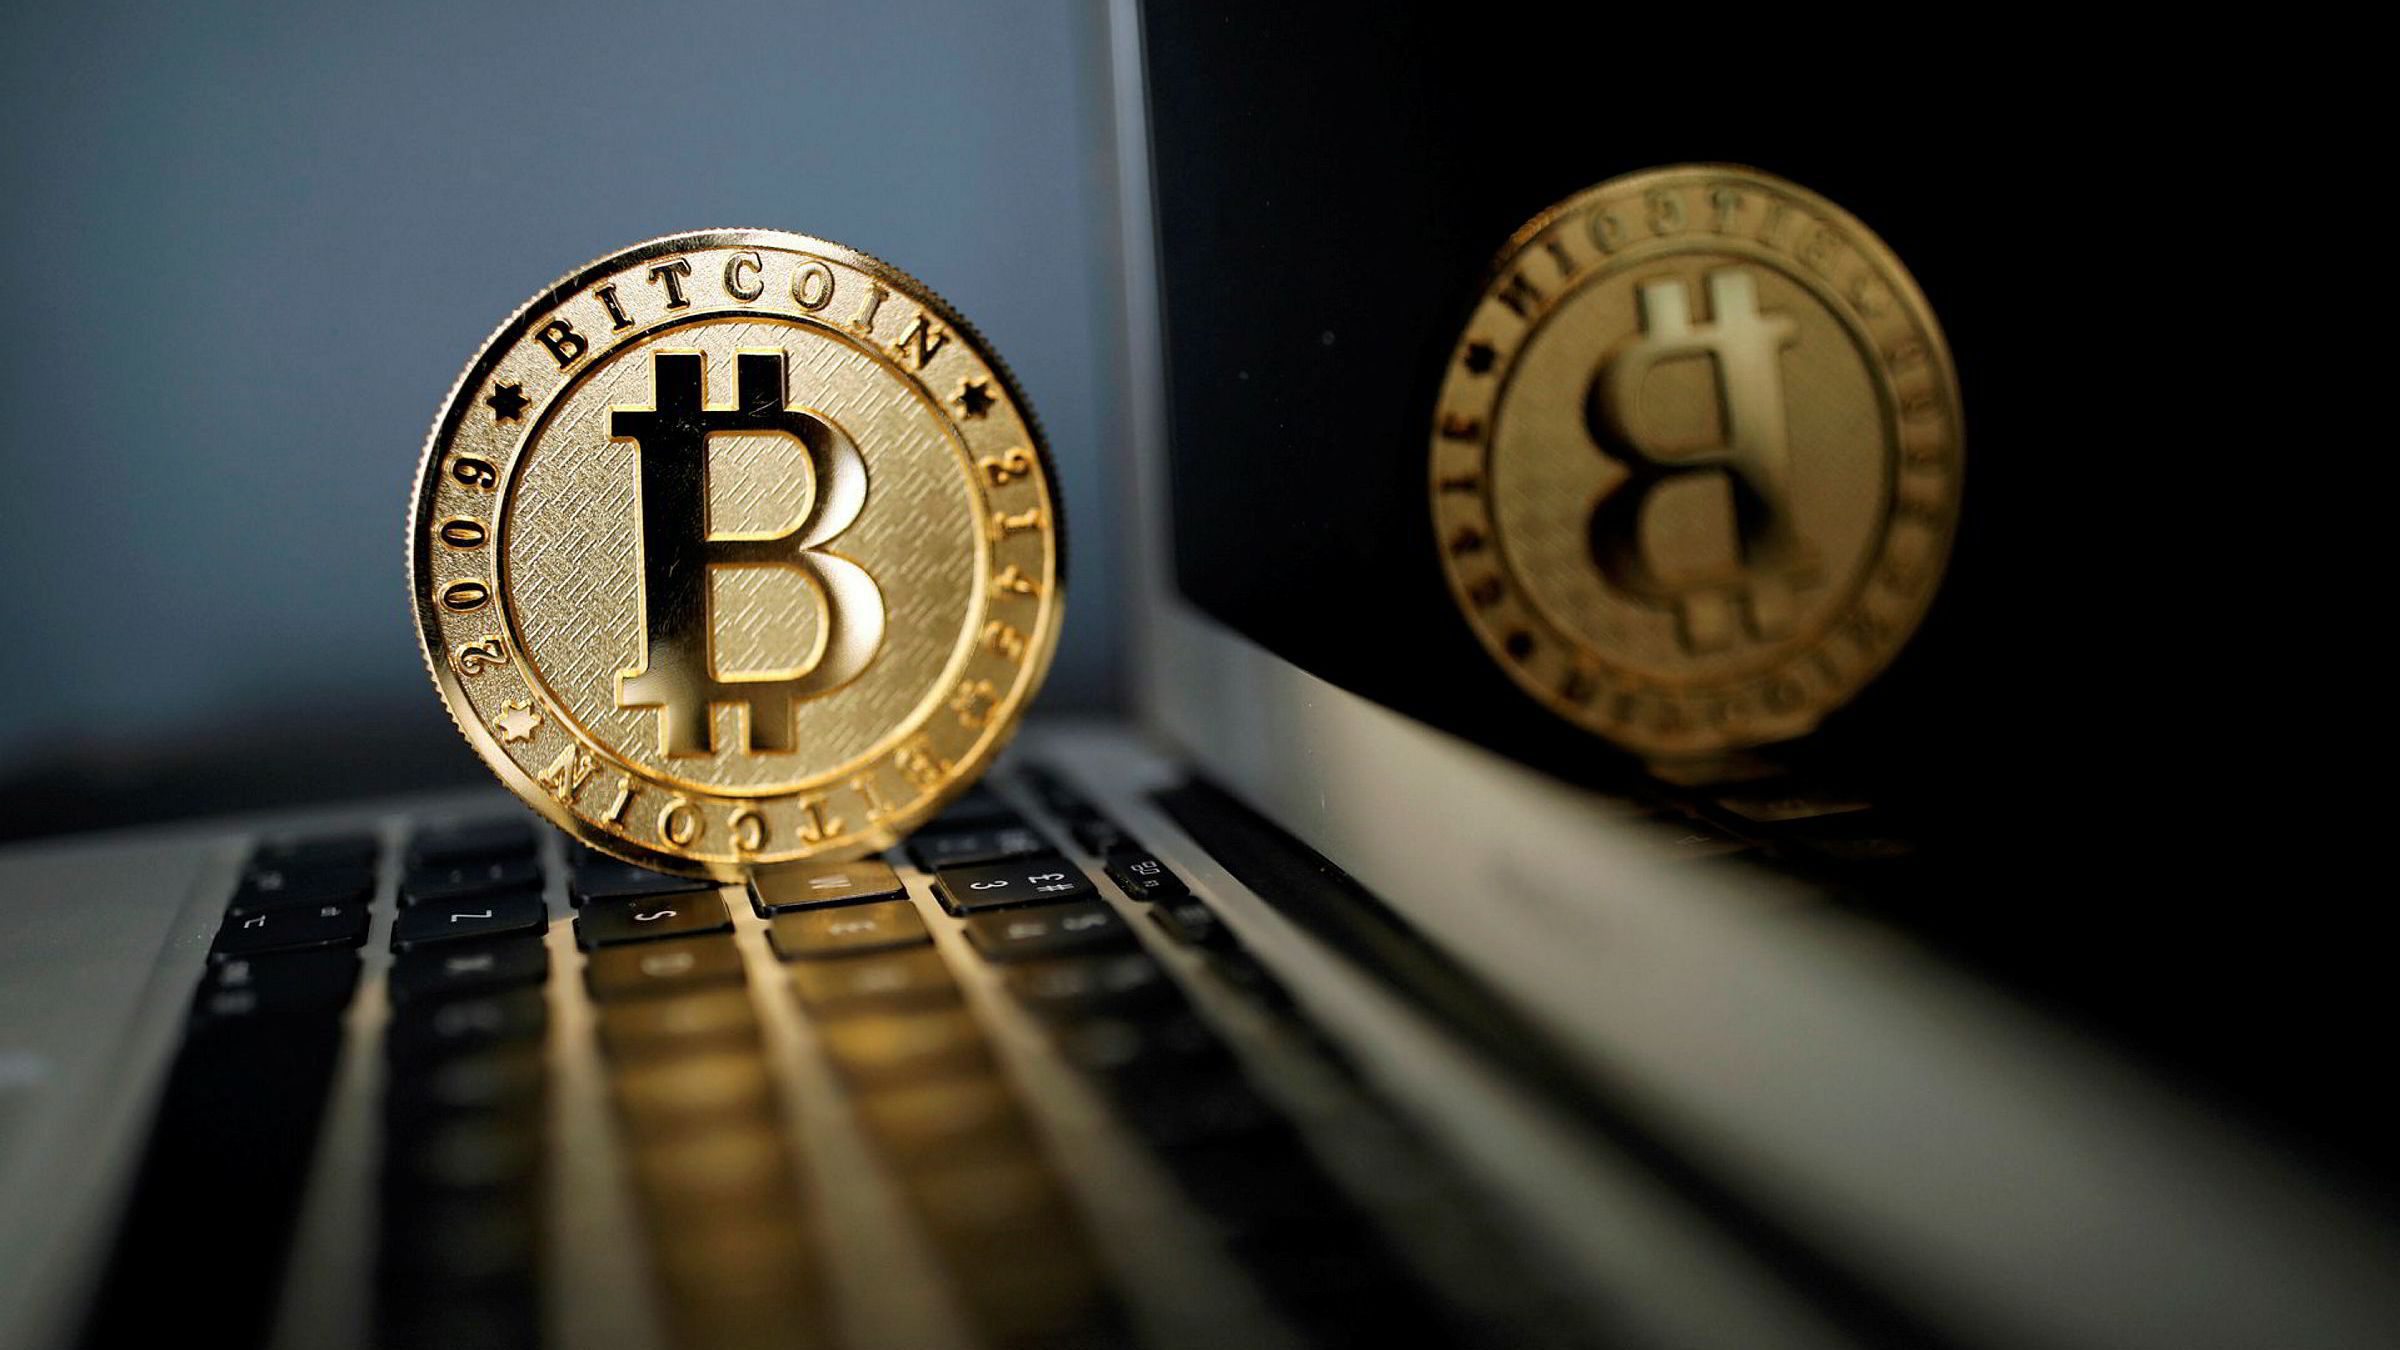 Frode Halvorsen solgte bitcoin via Mobilepay til en person som betalte med et stjålet kredittkort. Til tross for at han flere ganger ifølge ham selv kontaktet Danske Bank for å varsle om mulig svindel, stengte banken Mobilepay-kontoen hans.